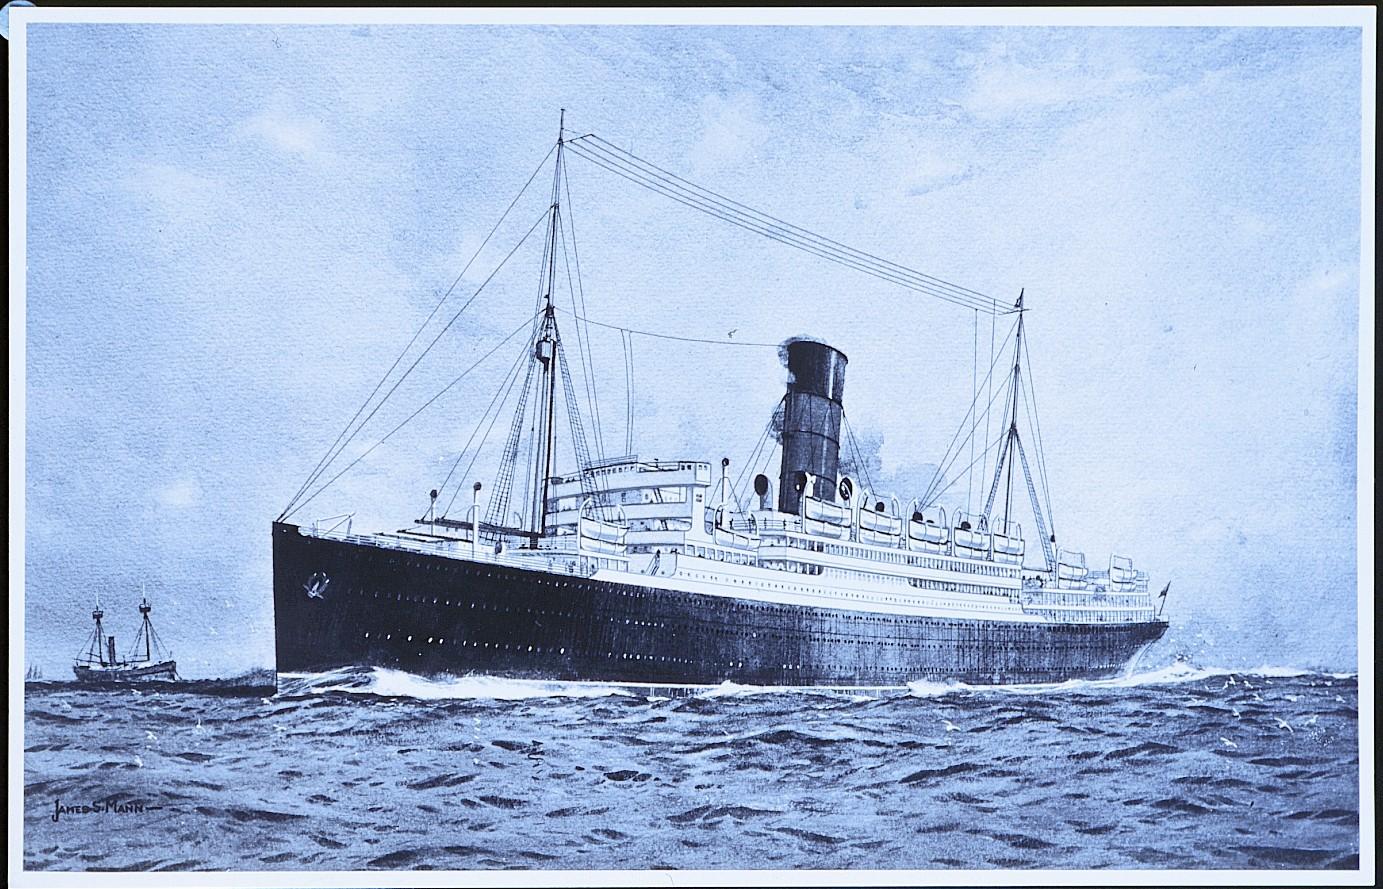 """Die Traditionsreederei Cunard, die als """"Erfinder"""" der Weltreisen mit einem Kreuzfahrtschiff gilt, feiert Jubiläum: 100 Jahre Weltreisen."""